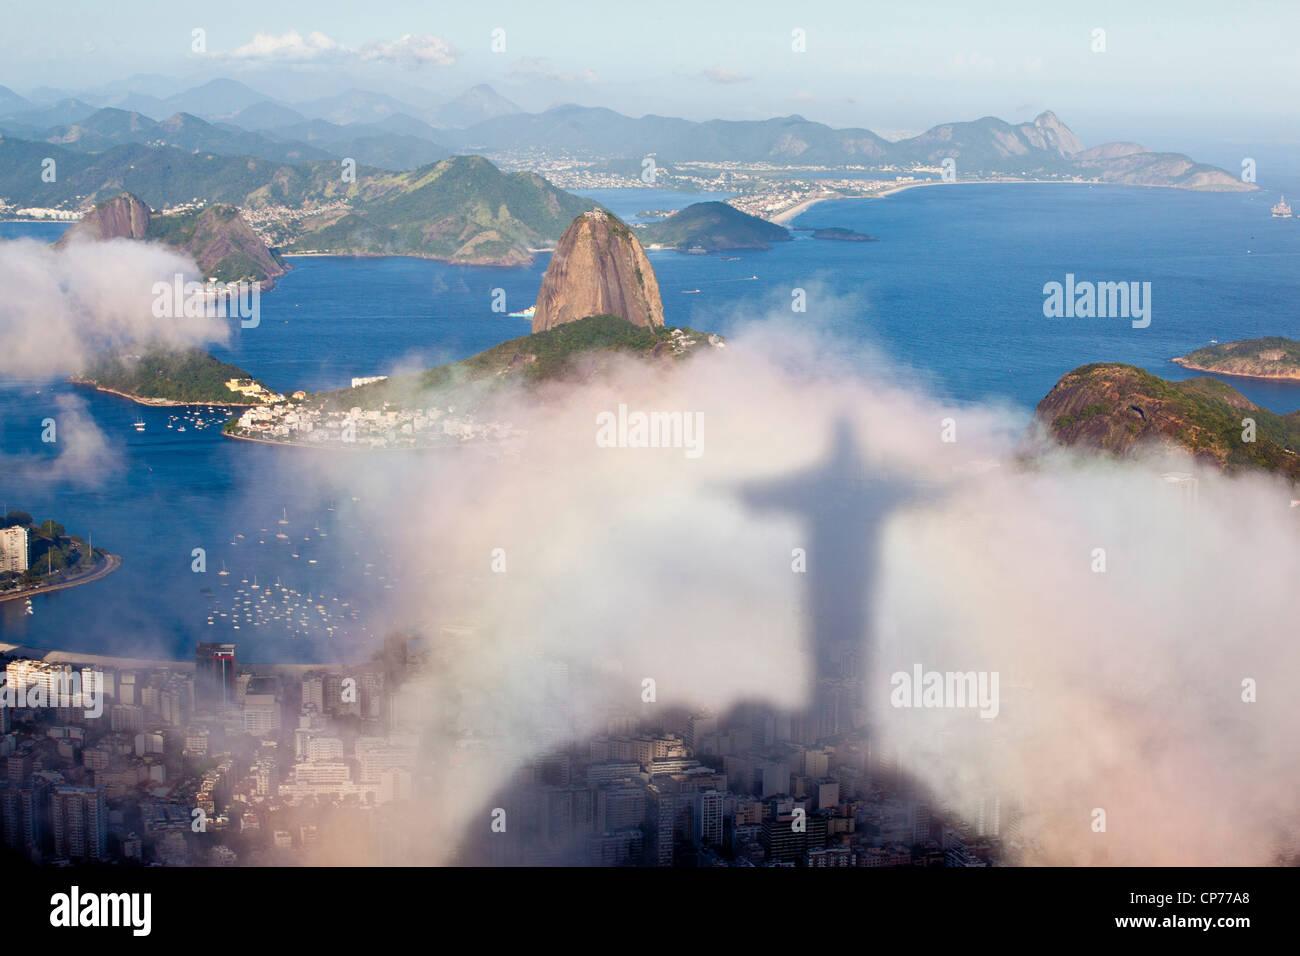 Ombra della statua del Cristo Redentor proiettata sul cloud, Sugar Loaf e Niteroi spiagge città sullo sfondo Immagini Stock